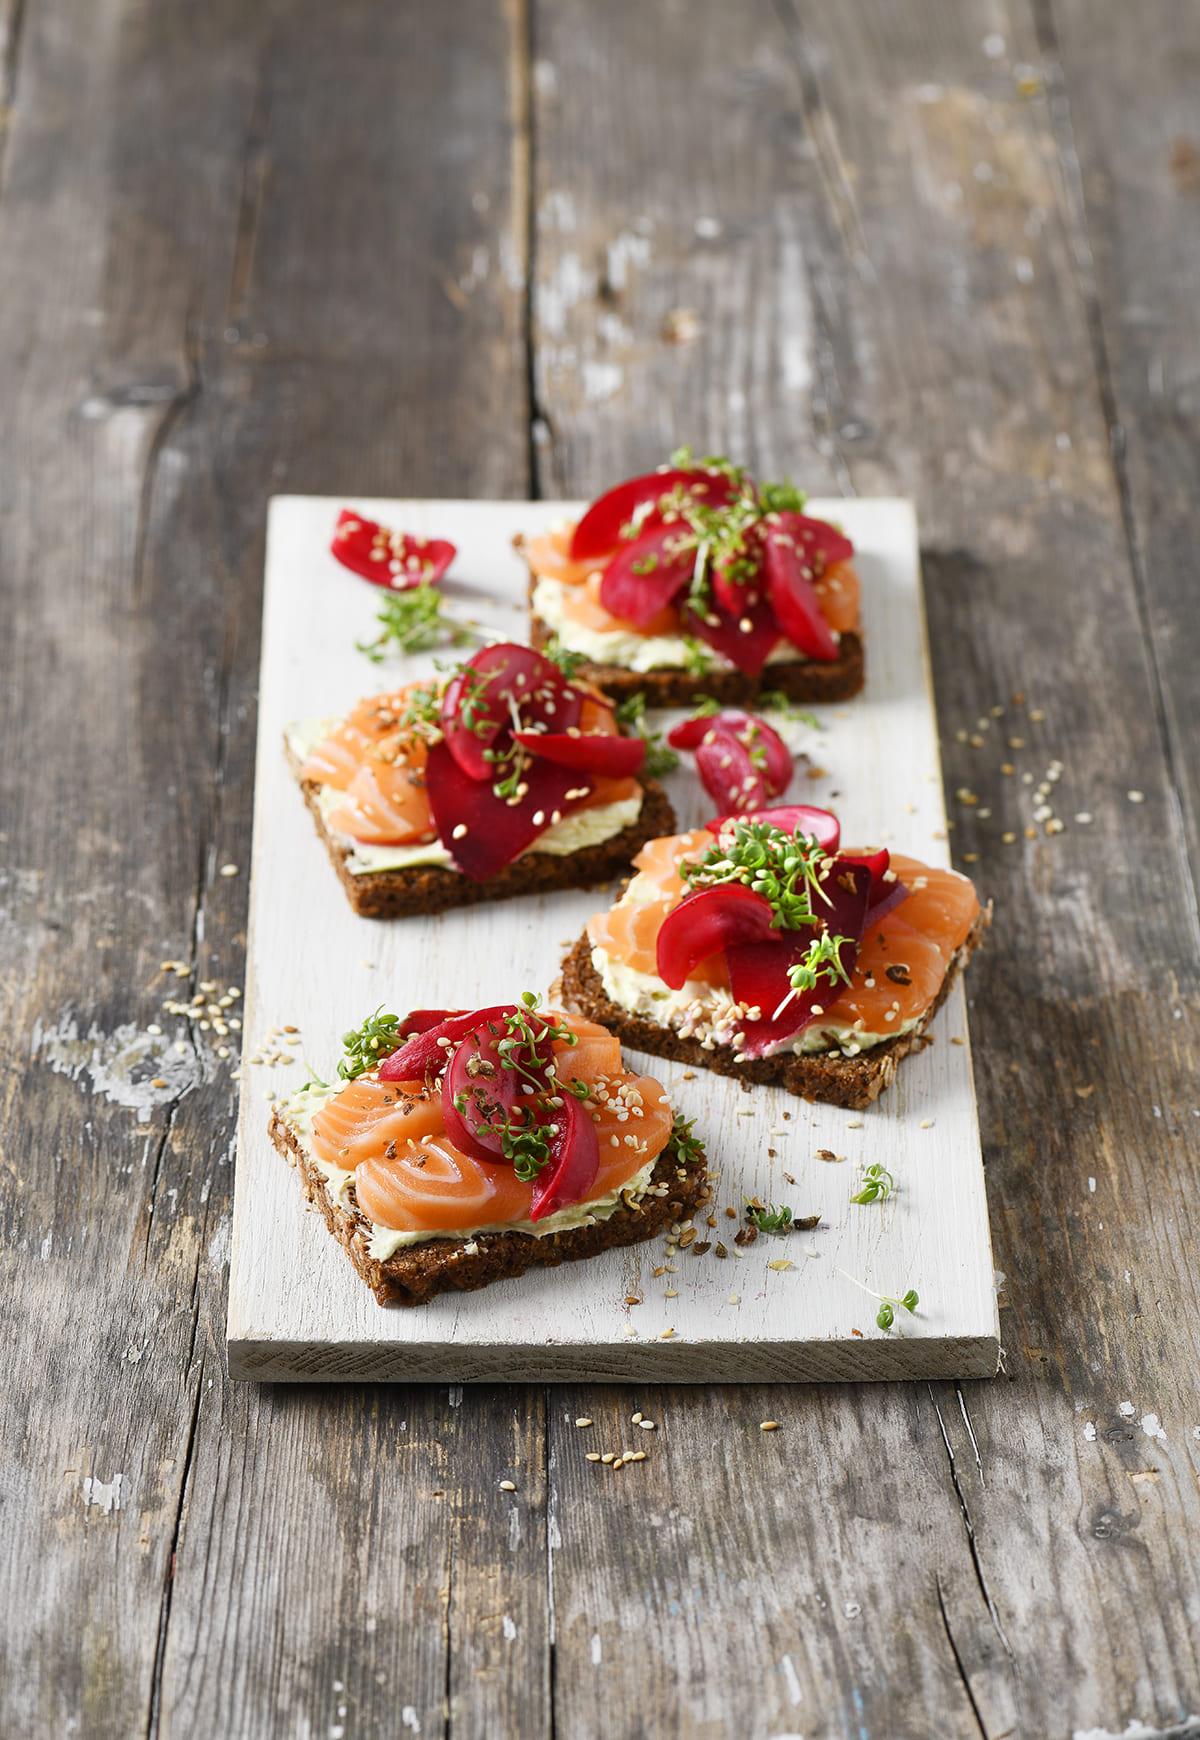 Lachsstulle von Antje Plewinski Foodfotografie